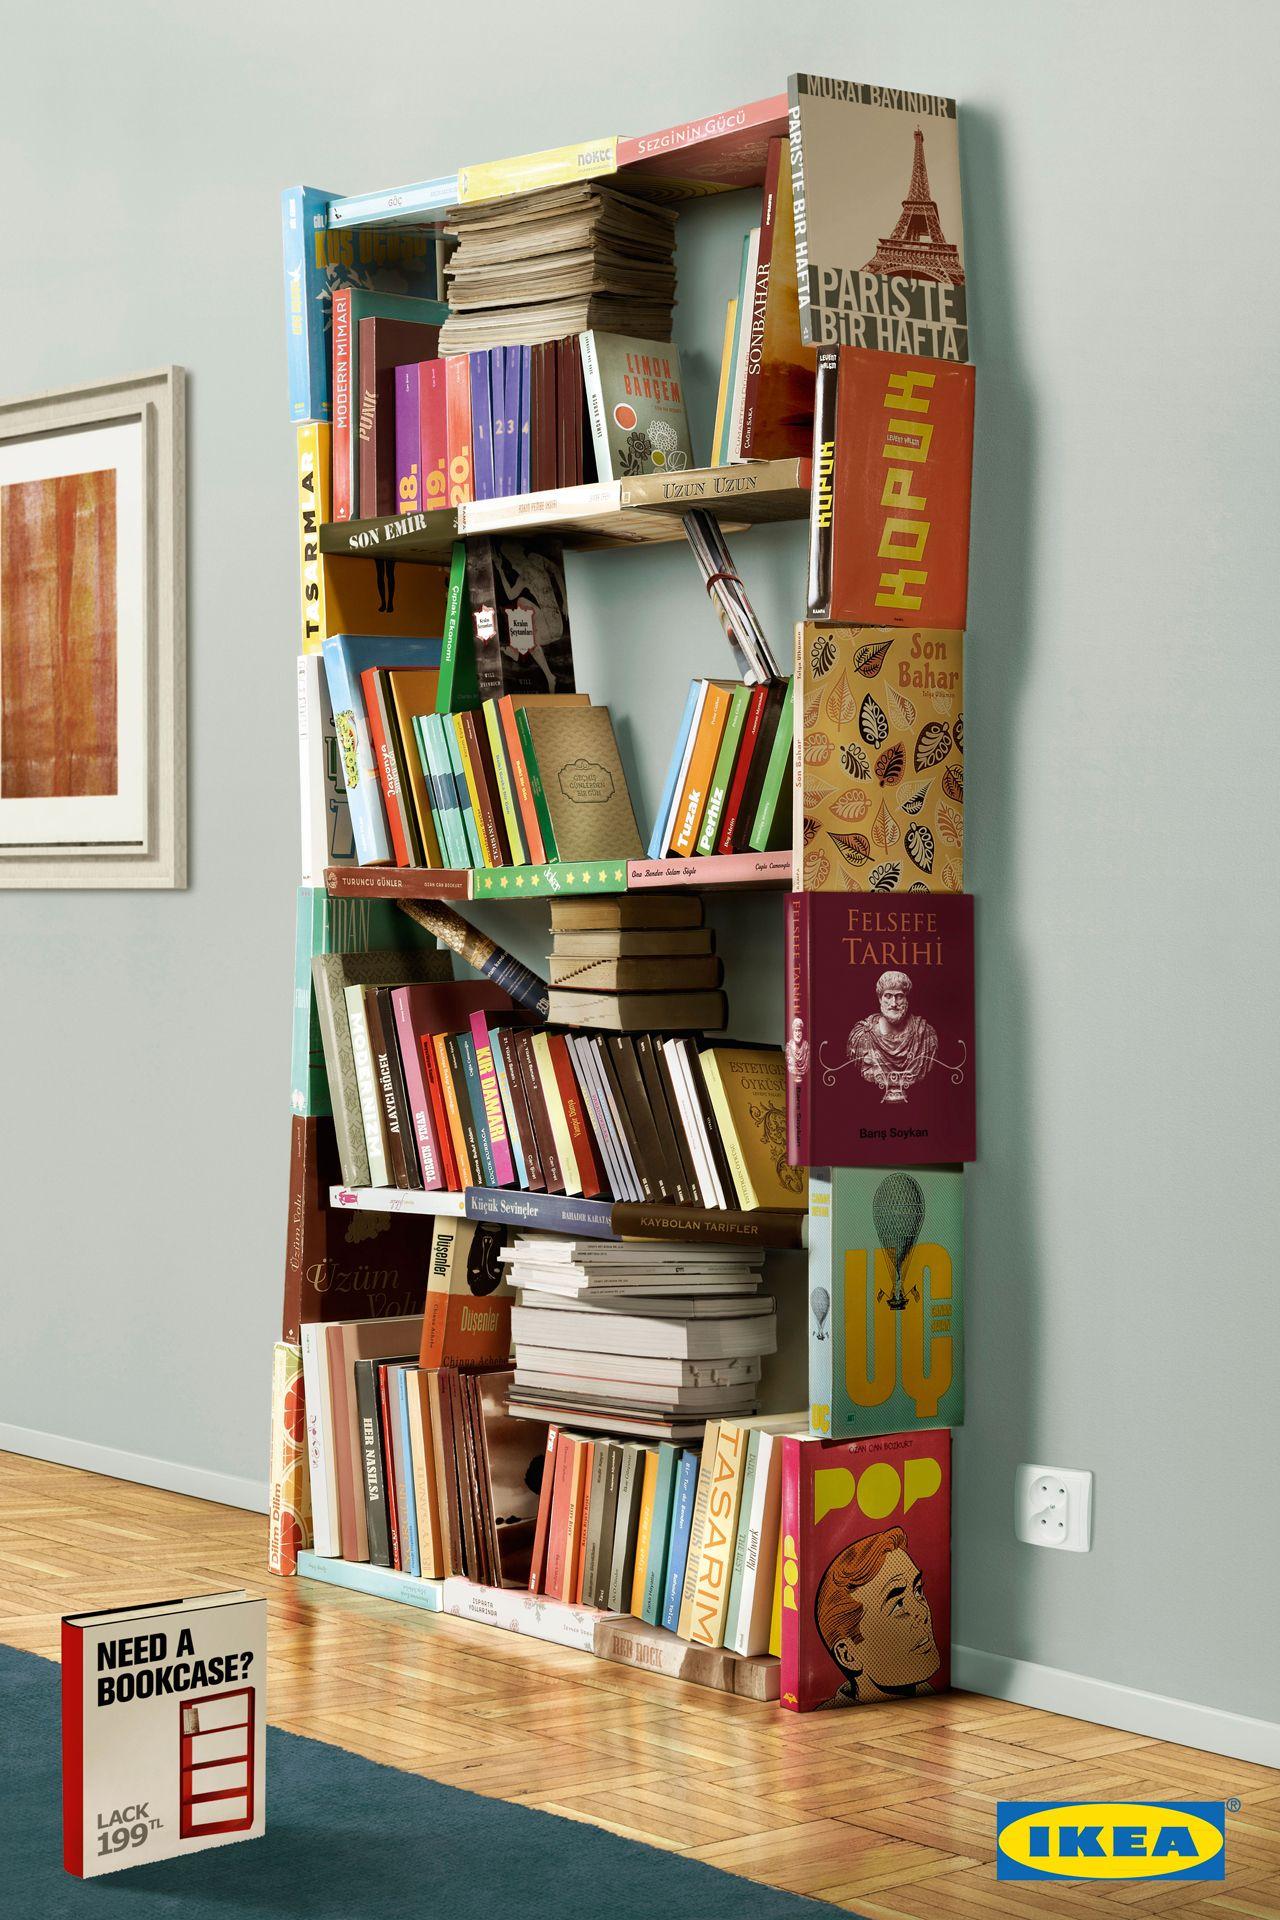 Креативные полки для книг :: nash homer - design your life.